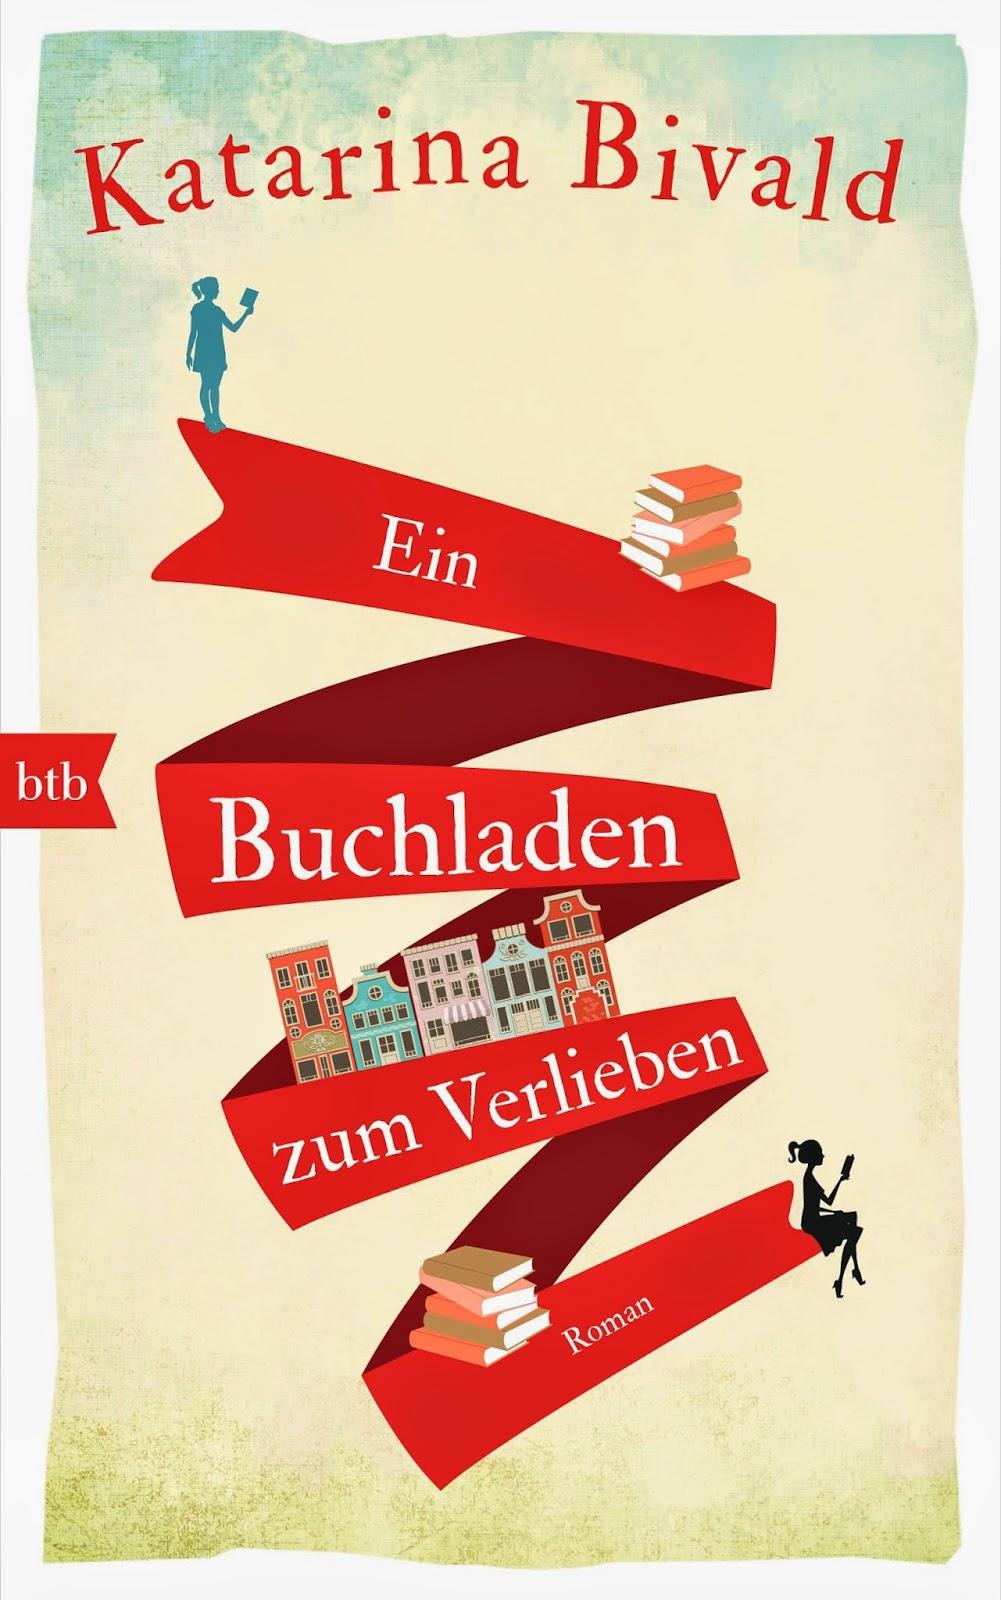 http://www.amazon.de/Ein-Buchladen-zum-Verlieben-Roman/dp/3442754569/ref=sr_1_1_bnp_1_har?ie=UTF8&qid=1406986152&sr=8-1&keywords=ein+buchladen+zum+verlieben